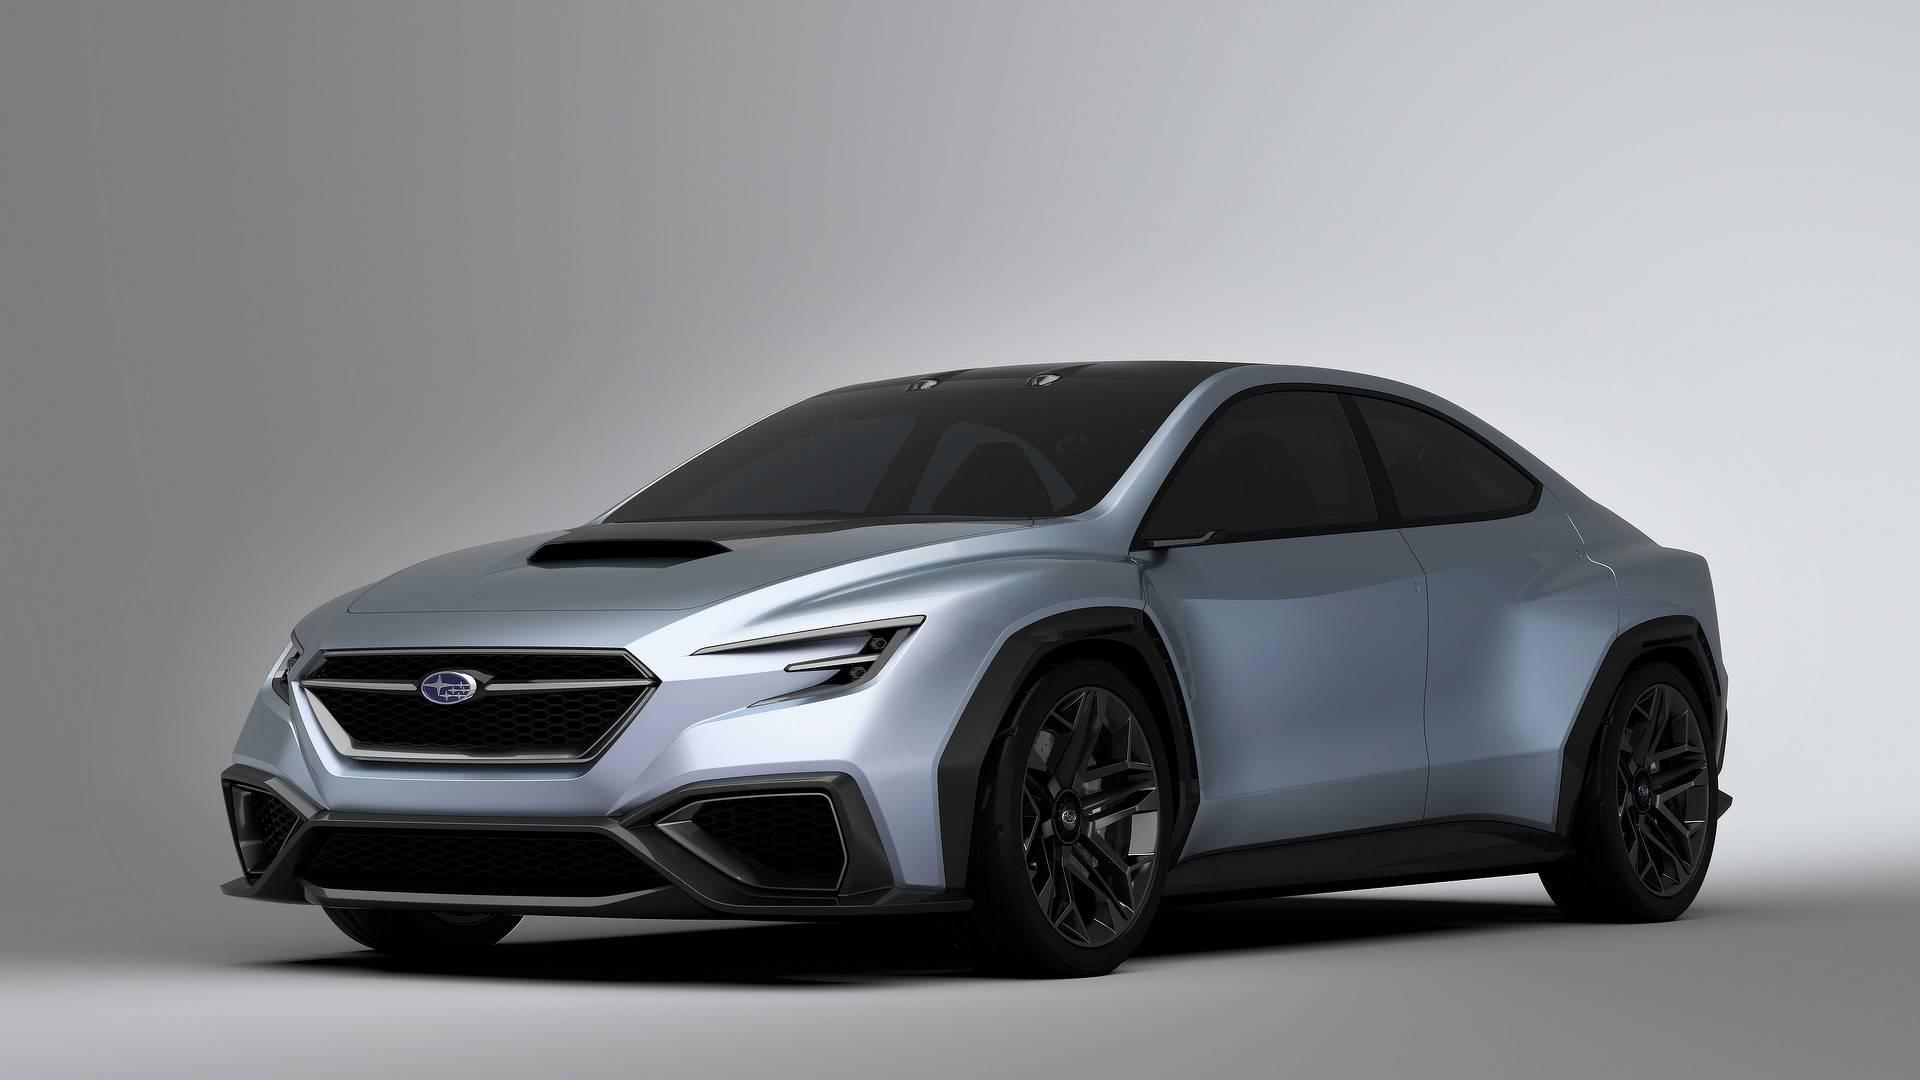 El Subaru WRX STI 2022 se inspirará en el Viziv de 2017